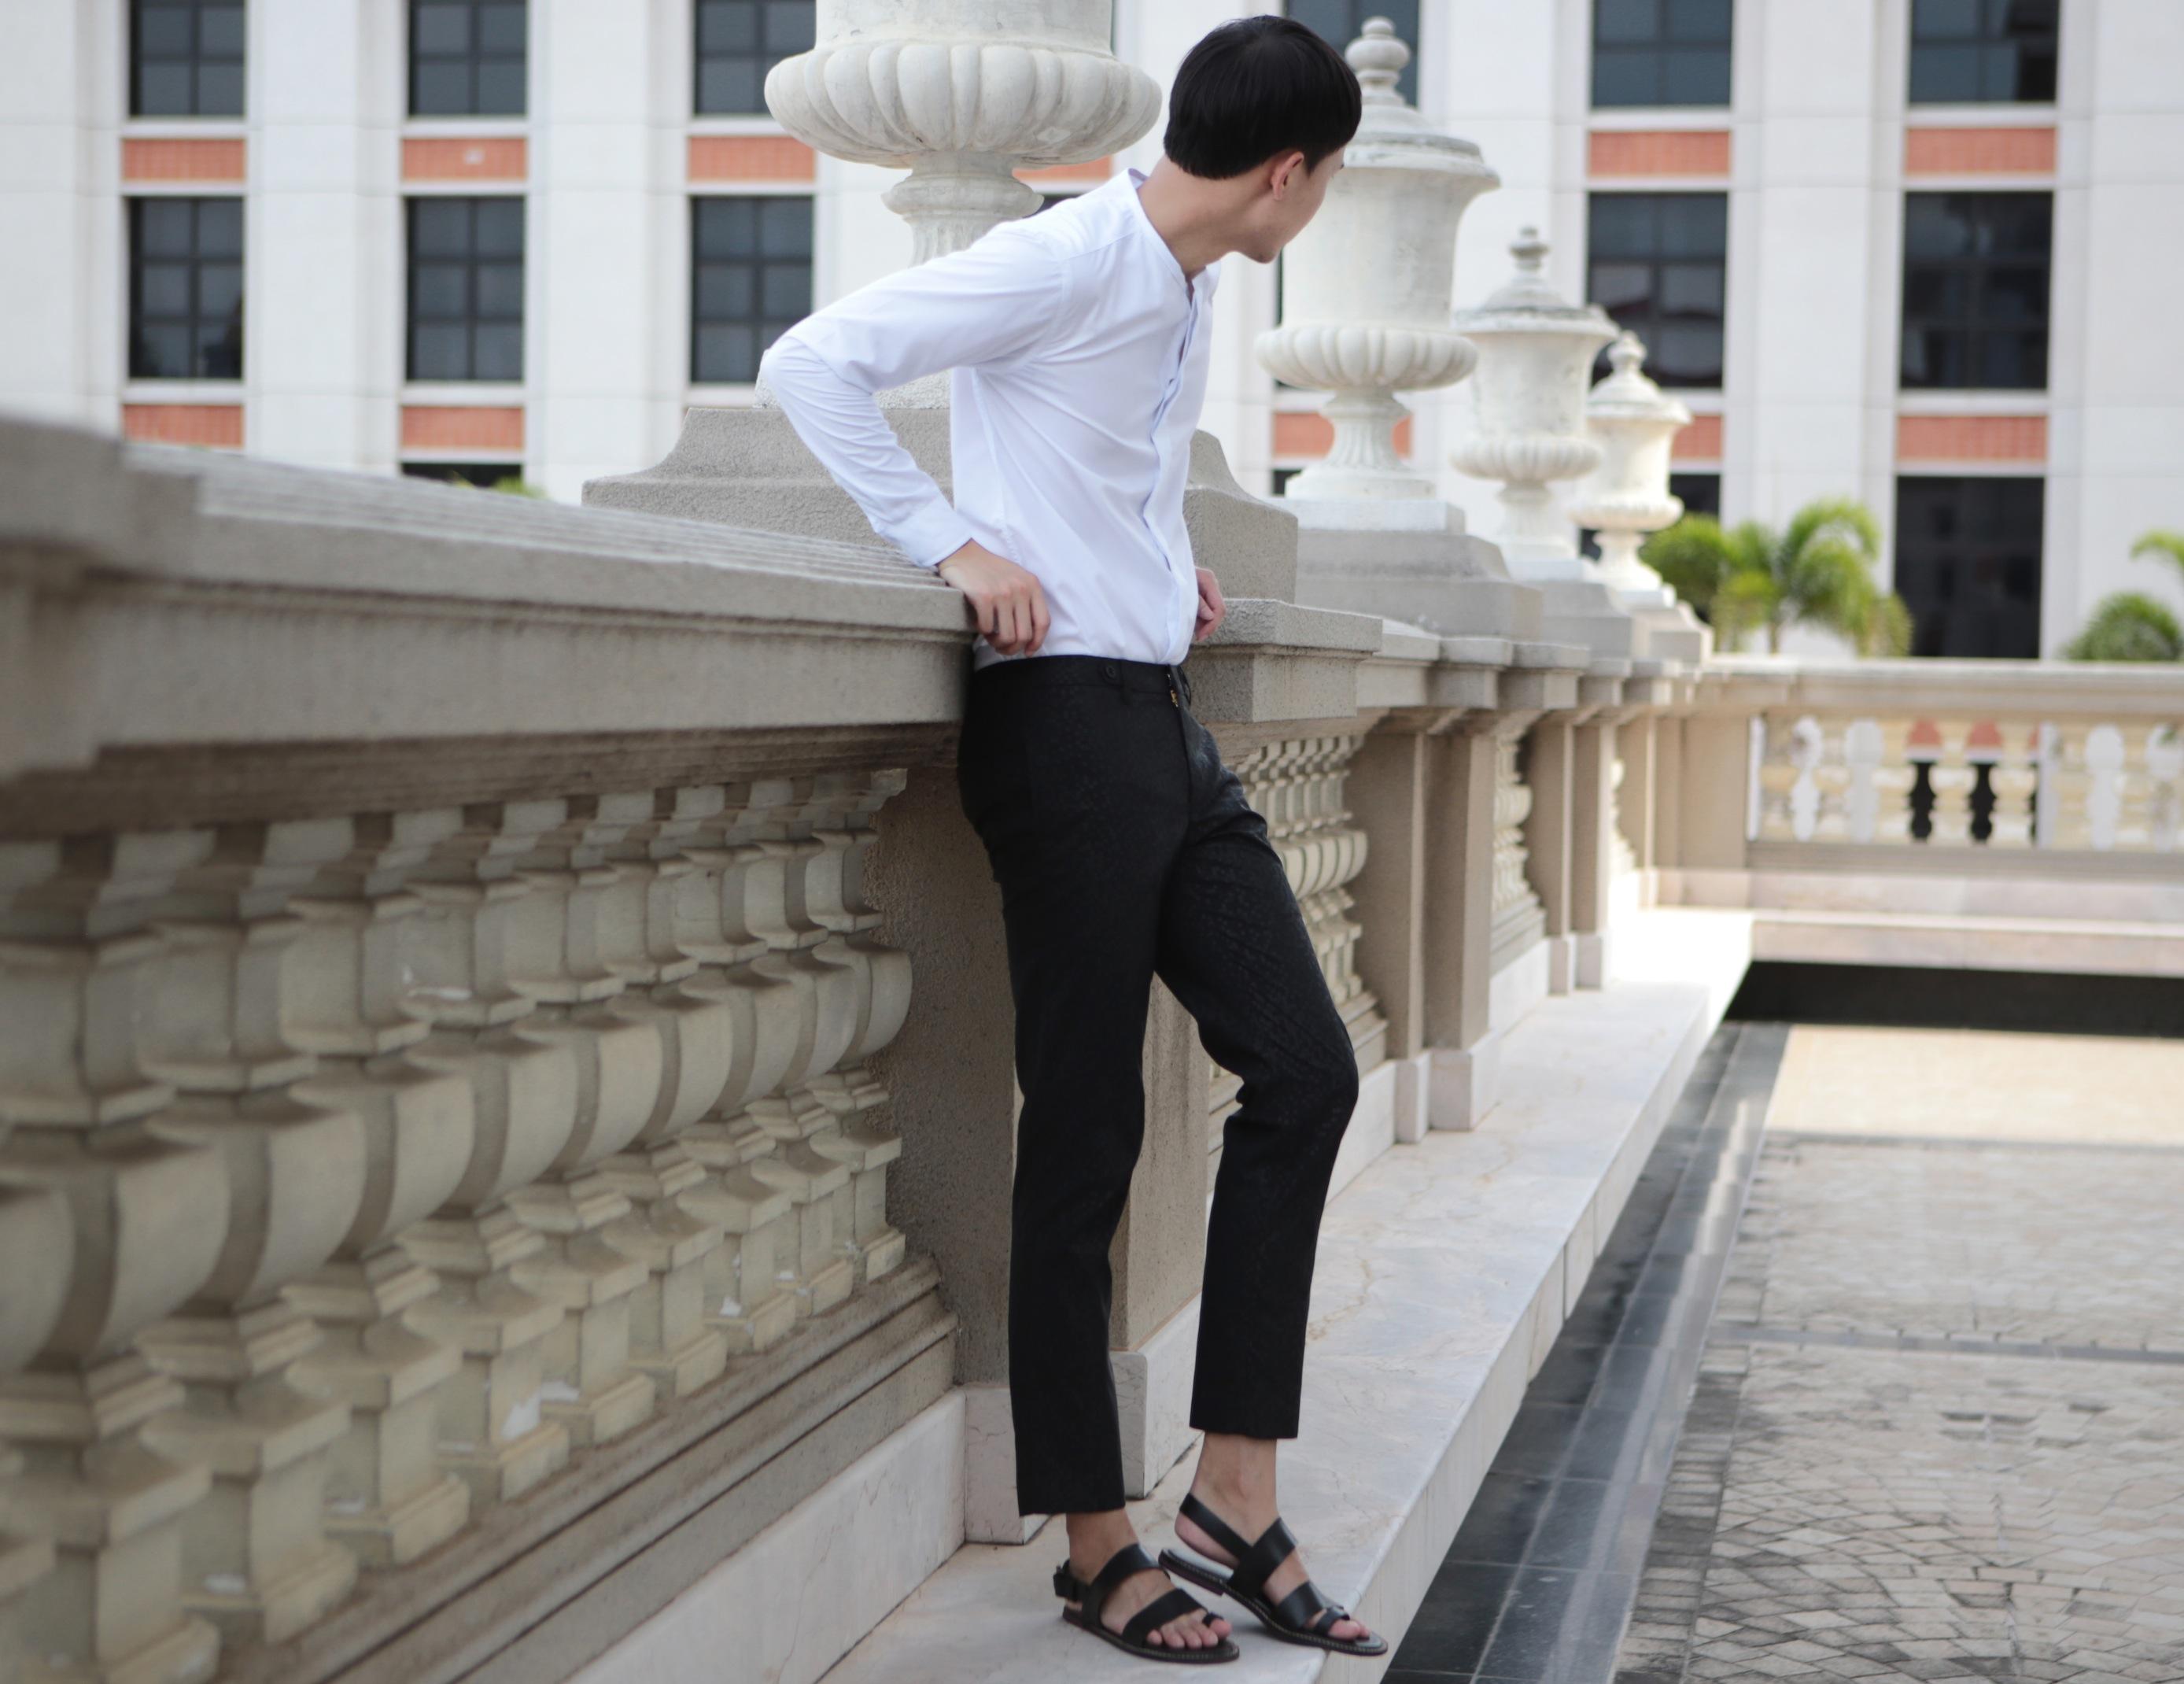 เสื้อเชิ้ต,เสื้อเชิ้ตแขนยาว,เสื้อเชิ้ตสีขาว,เสื้อเชิ้ตผู้ชาย